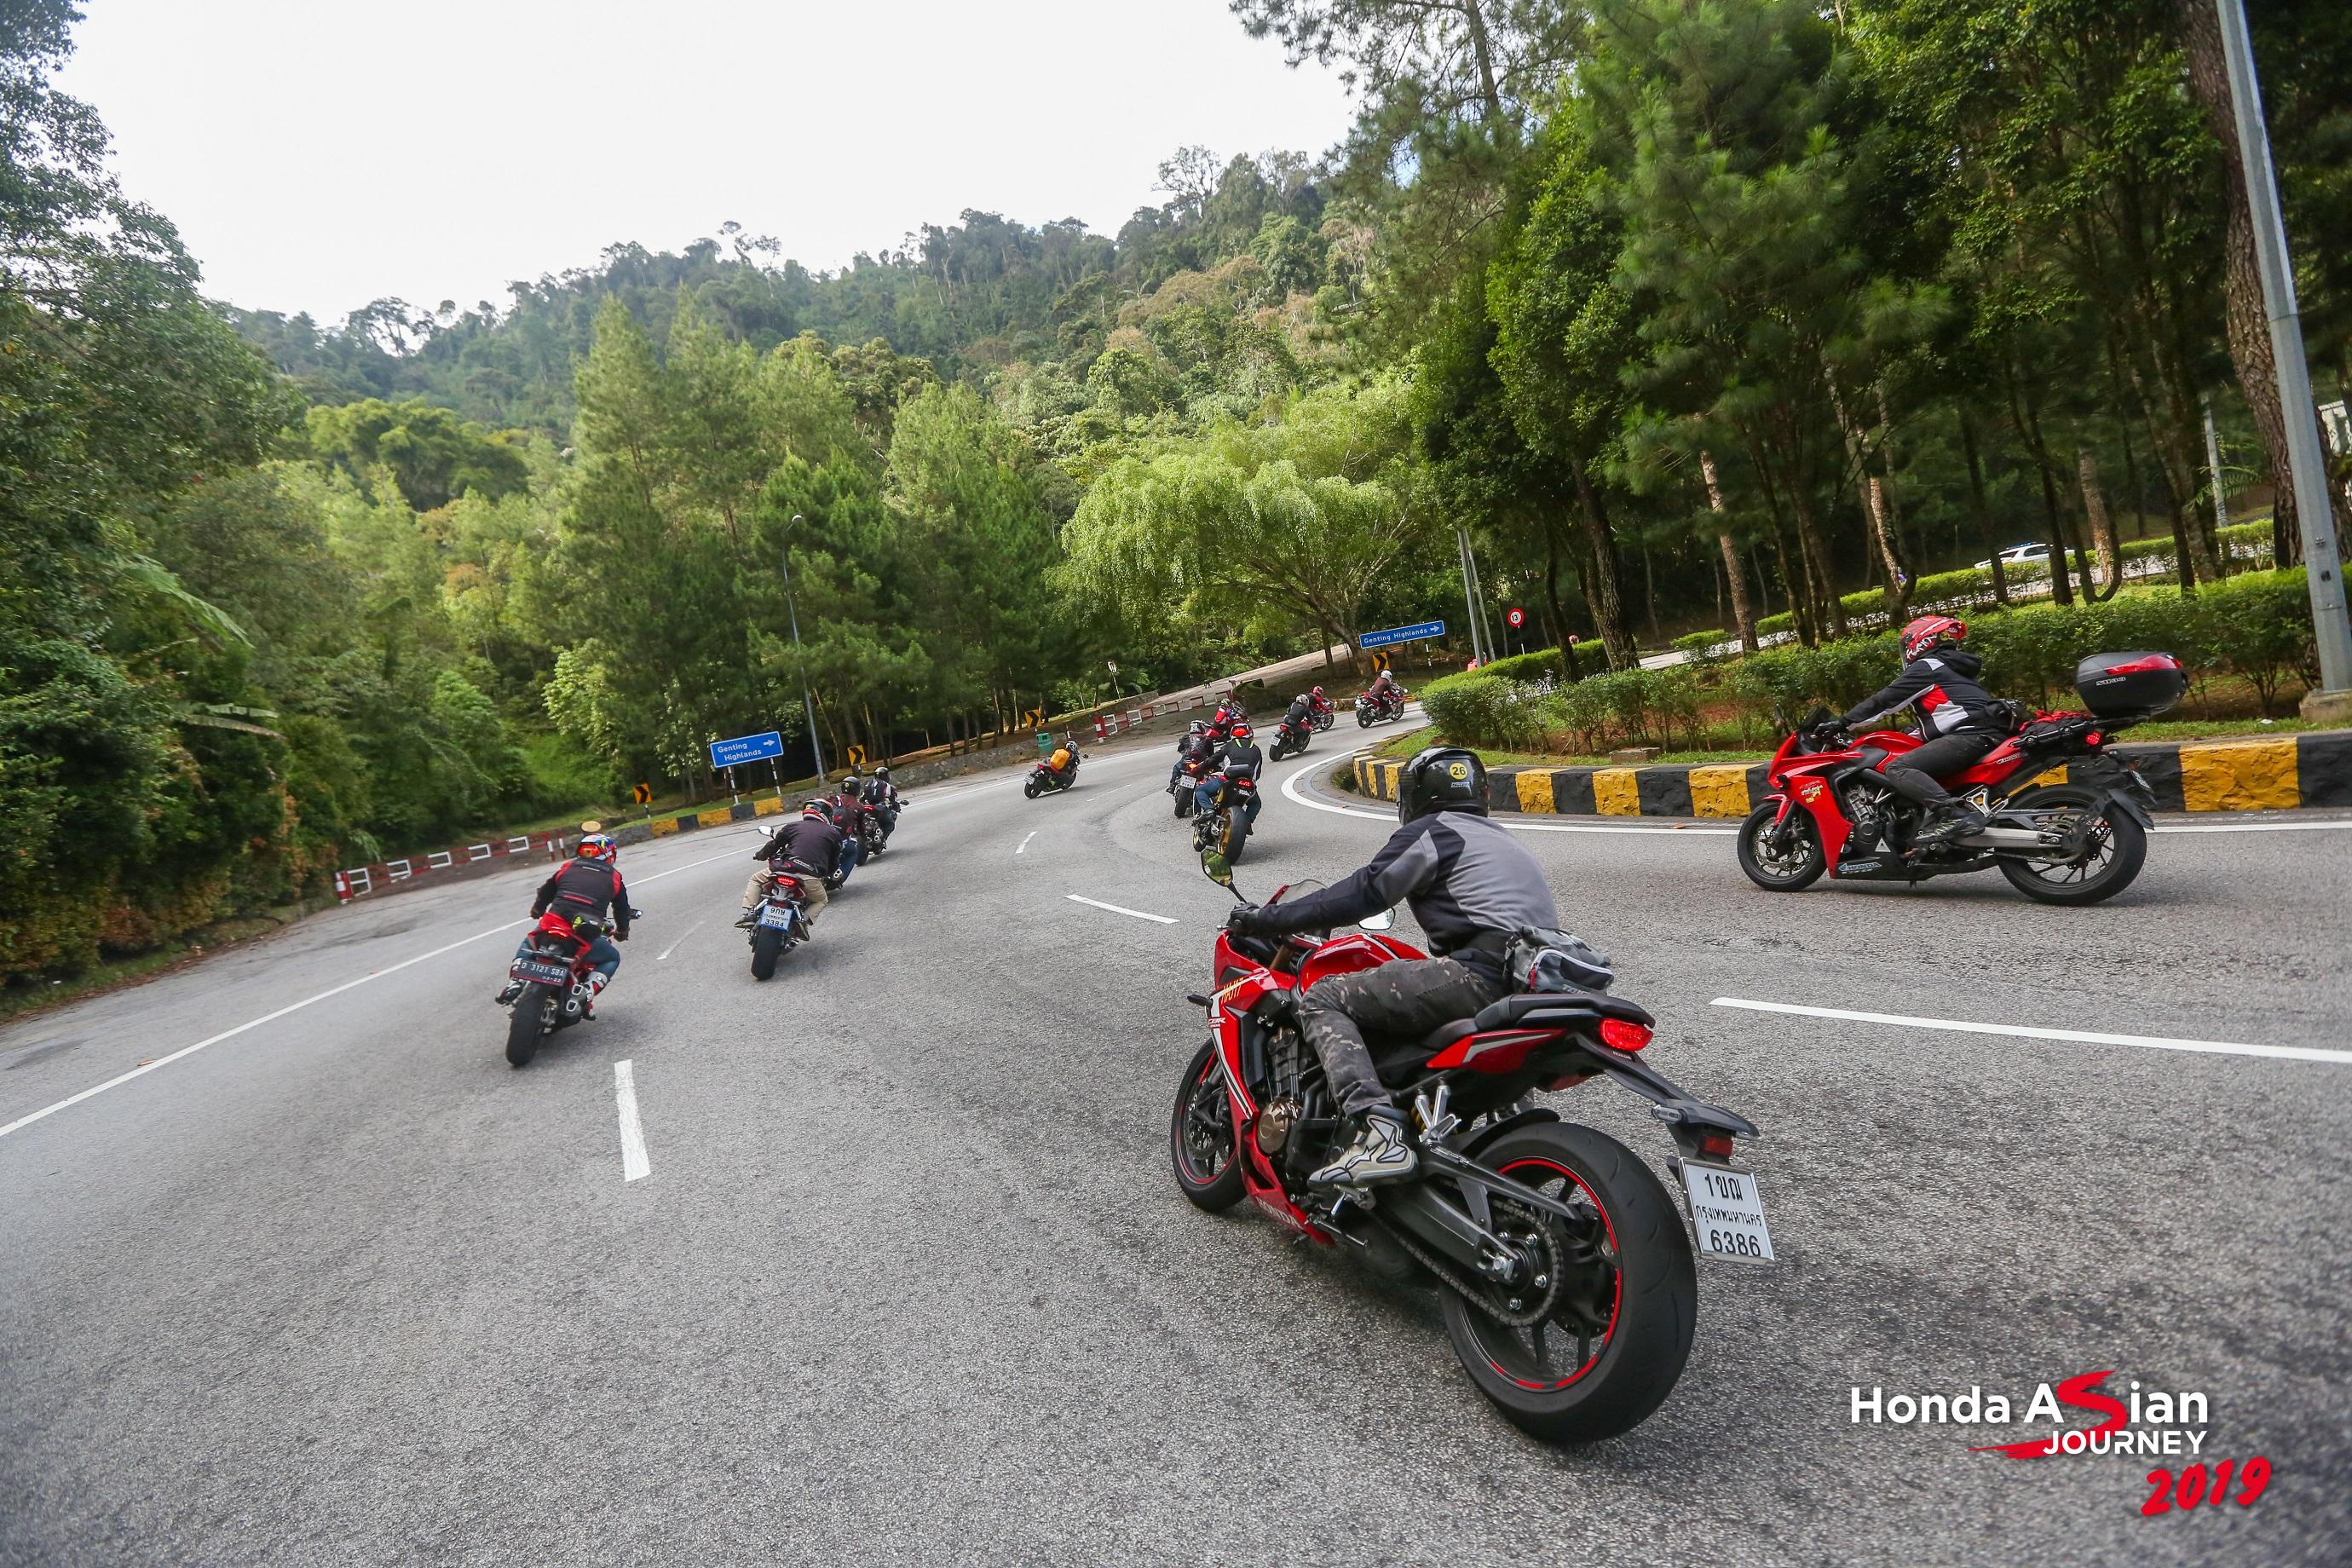 haj19-thuc-su-la-nhung-trai-nghiem-that-chat-voi-dong-xe-sportbike-honda-1.jpg